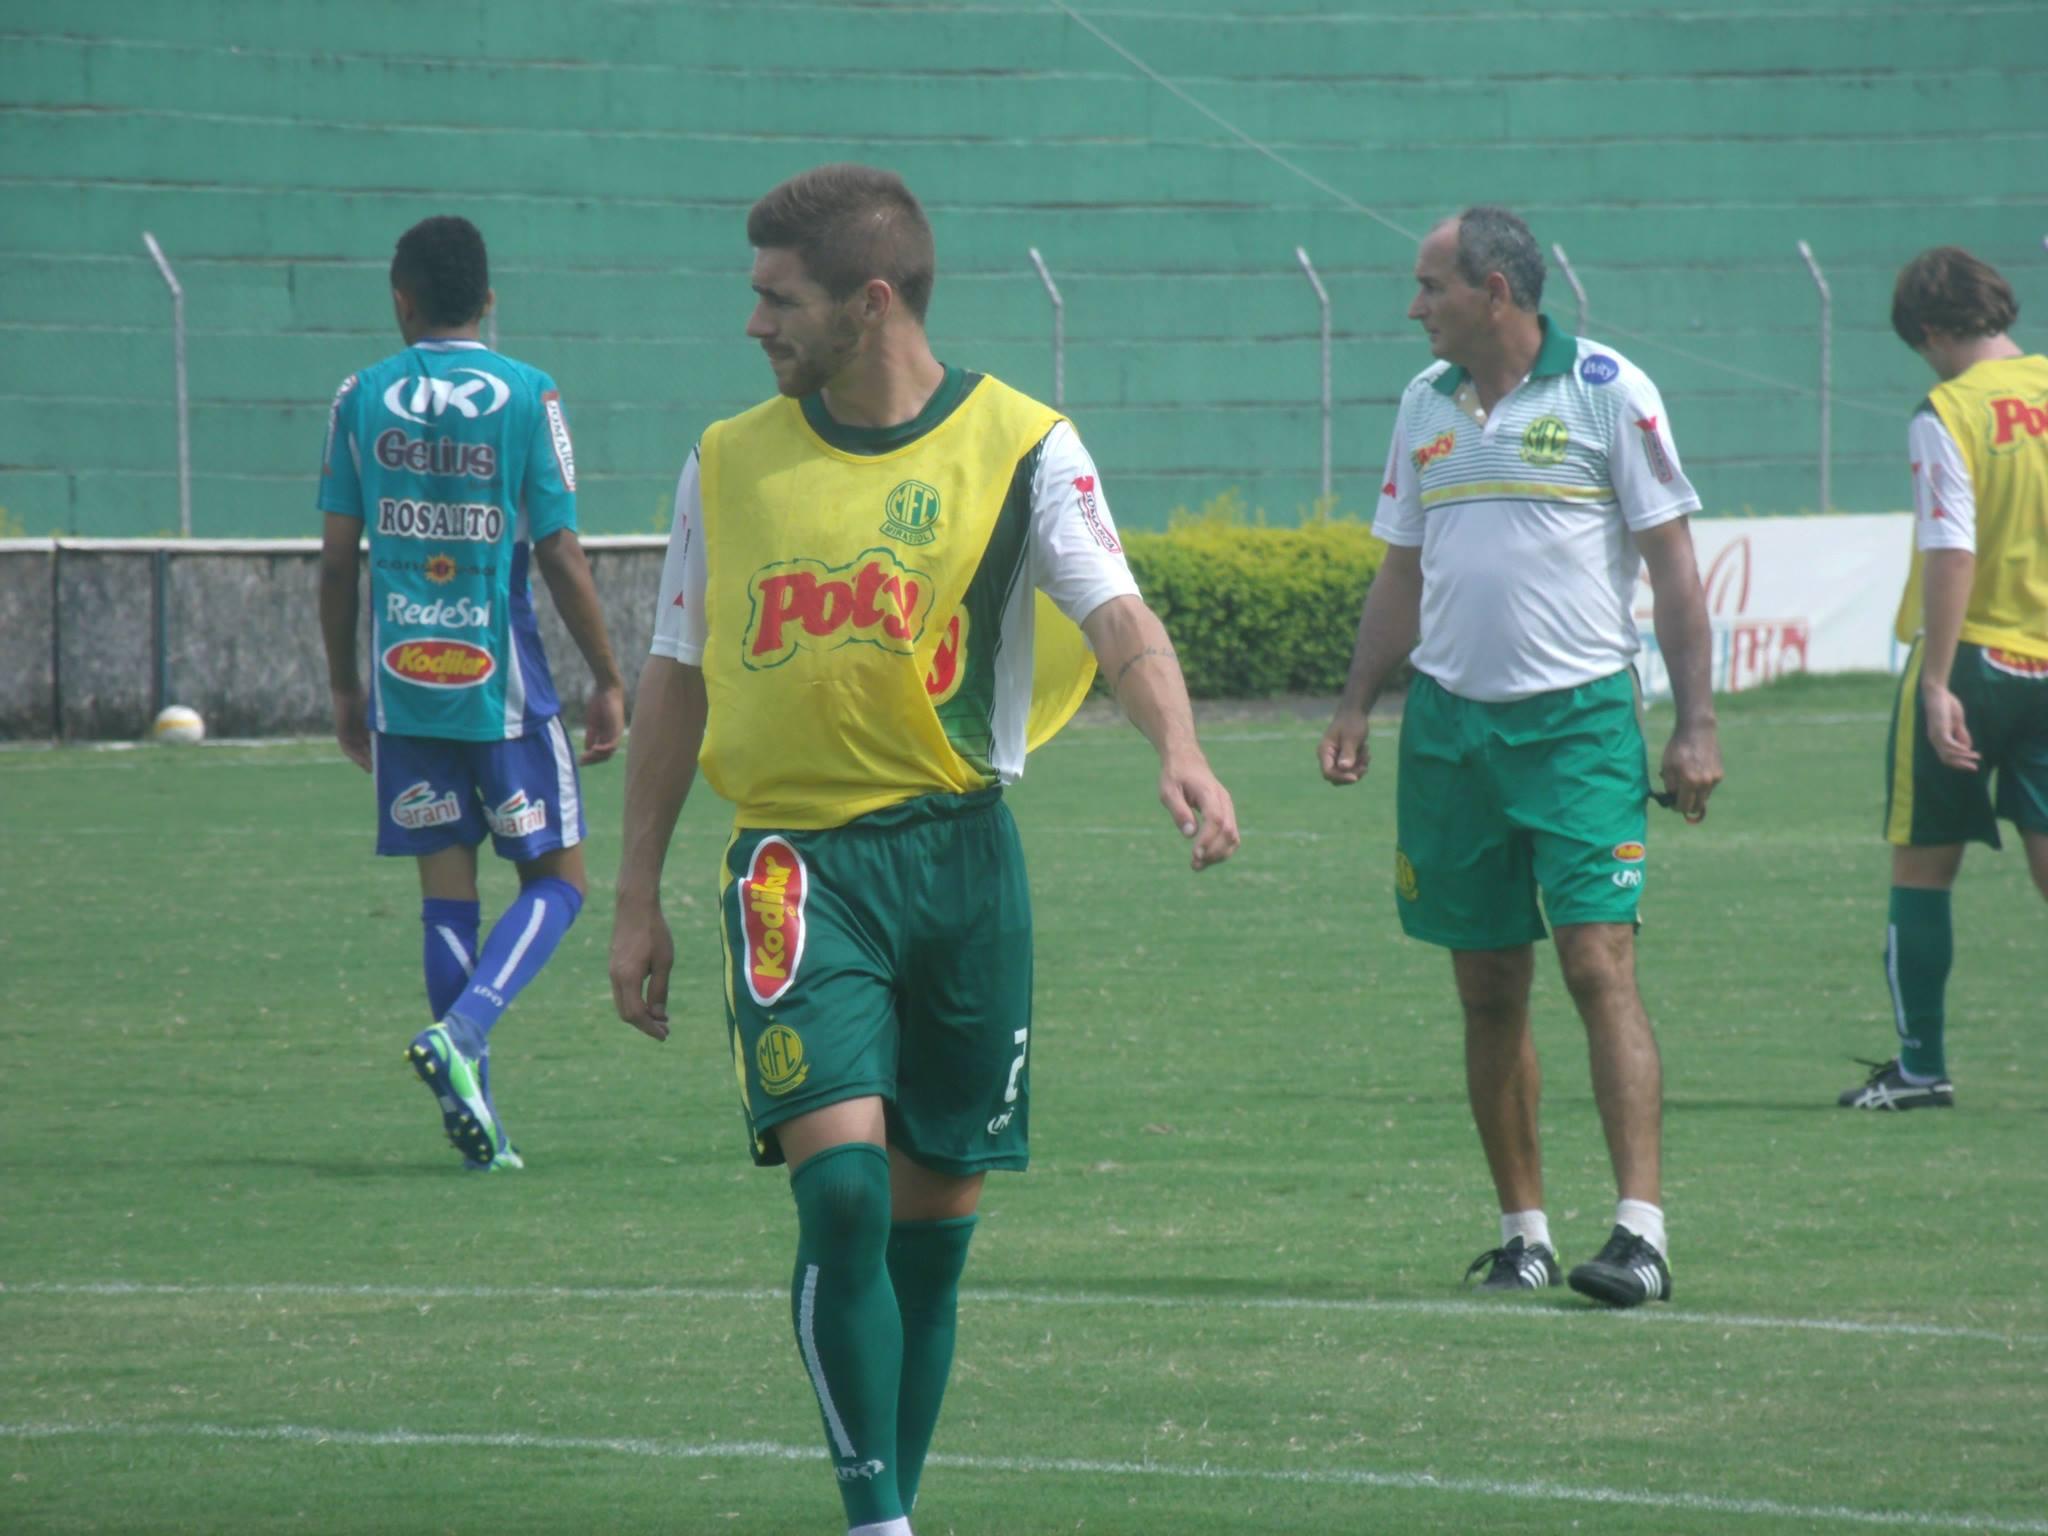 América-MG confirma a contratação do meia-atacante Diego Lorenzi - Globo.com